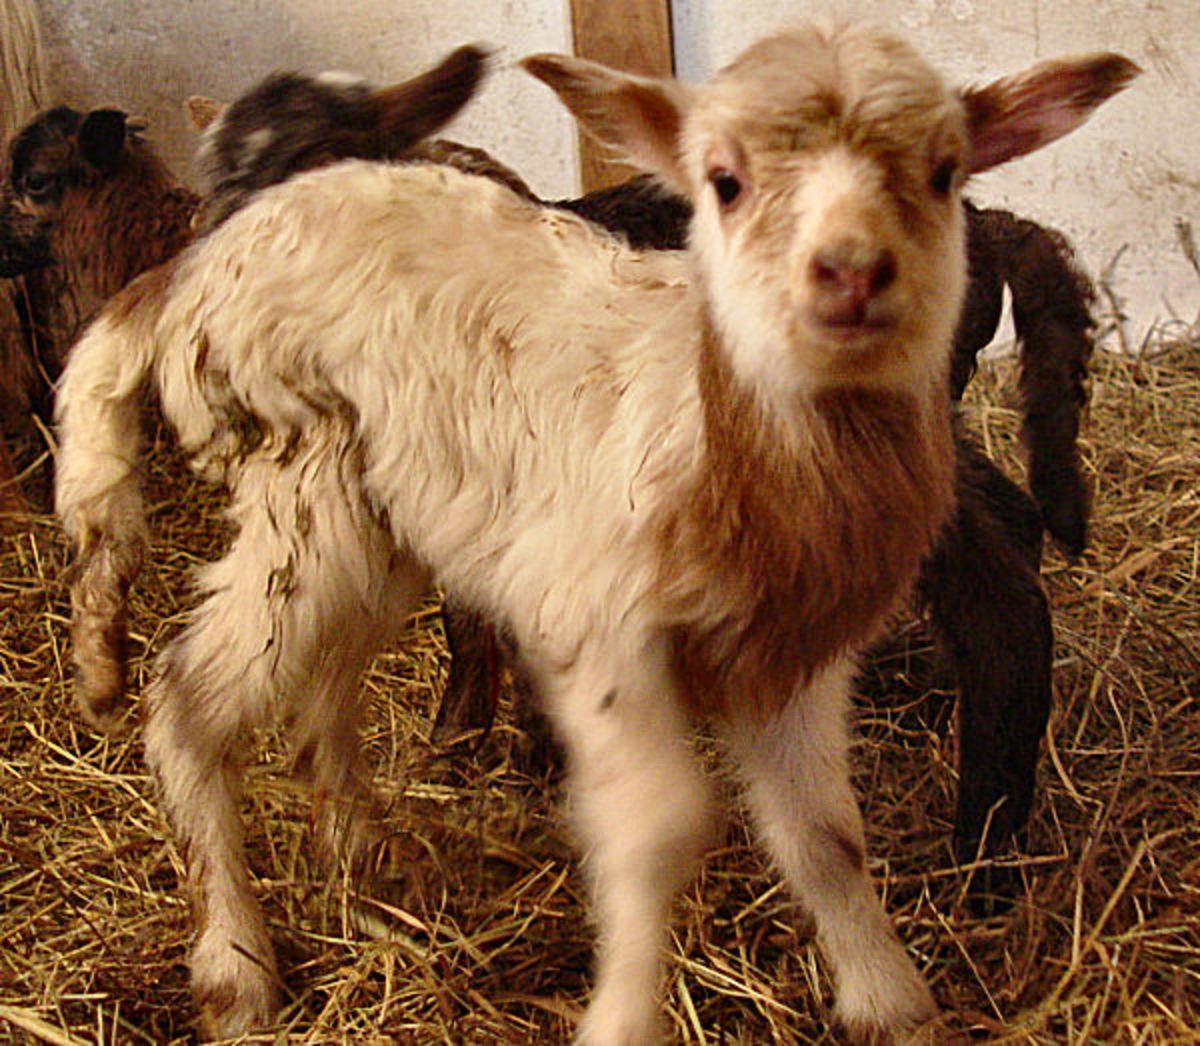 Fox spotted newborn lamb